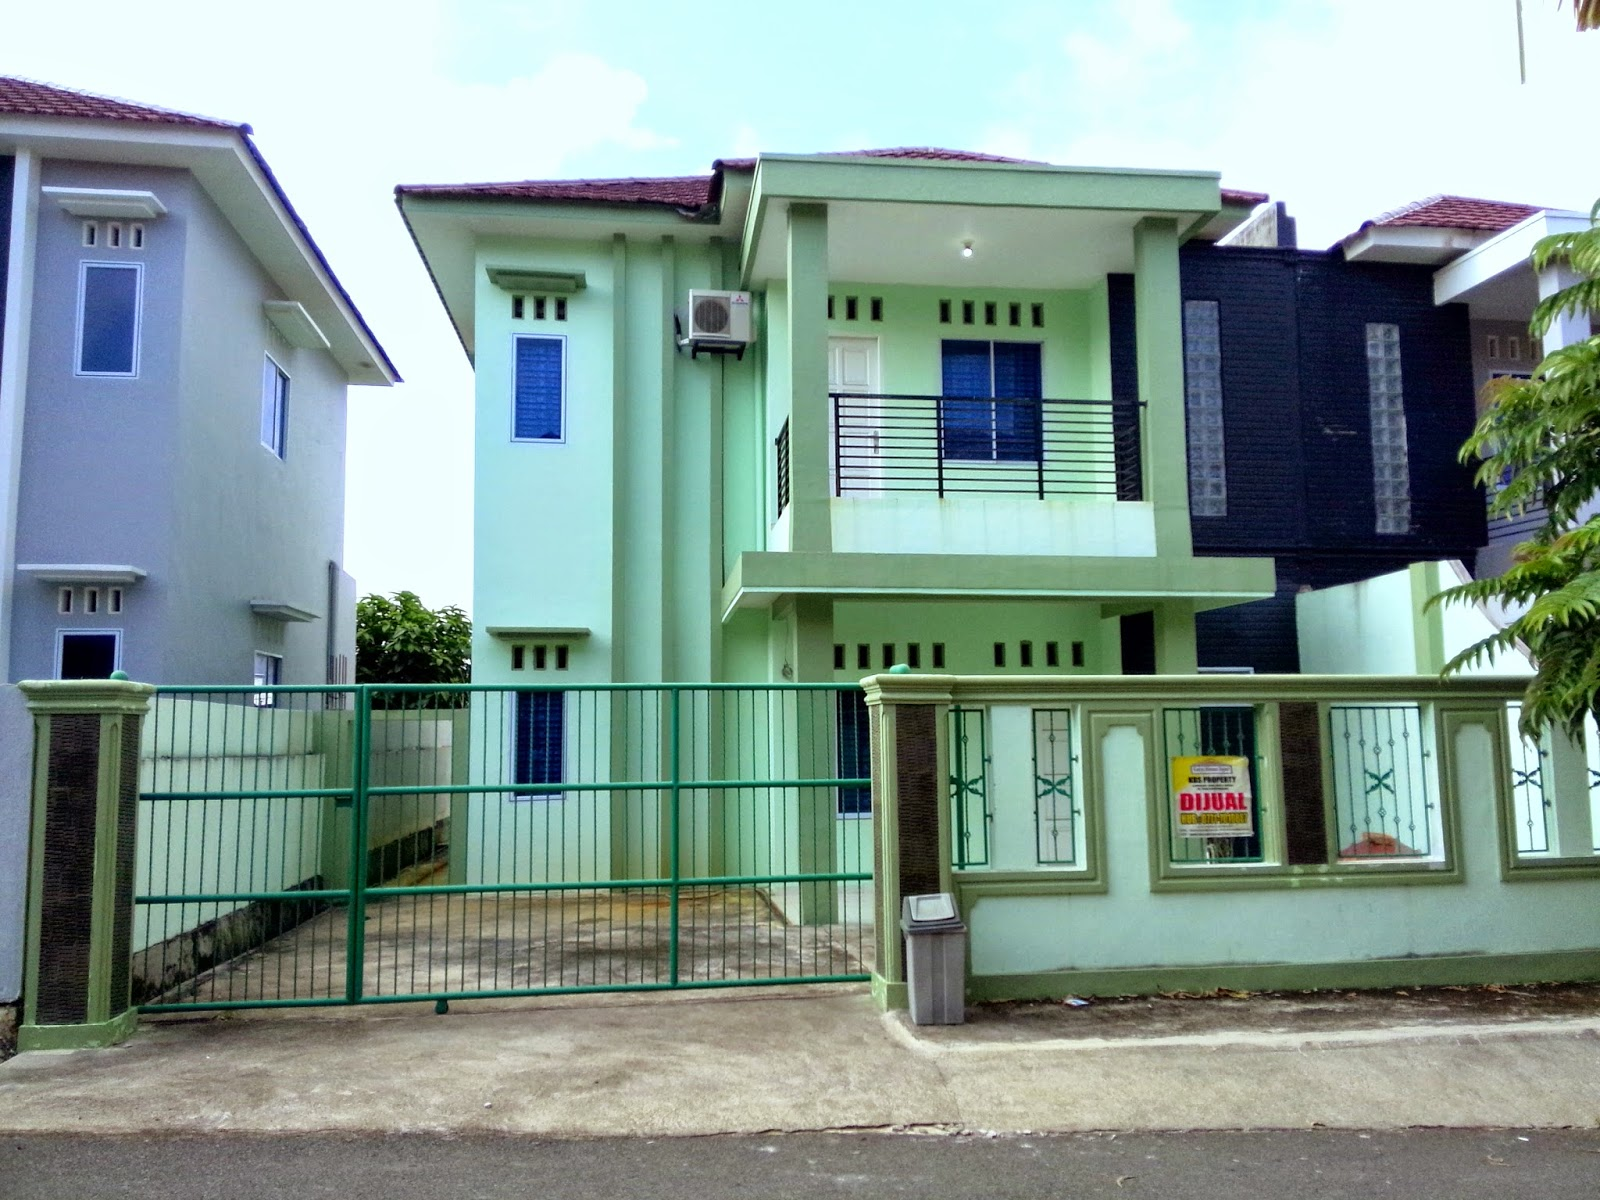 Dijual Rumah Taman Gurindam Tanjungpinang Kbs Property Tg Kota